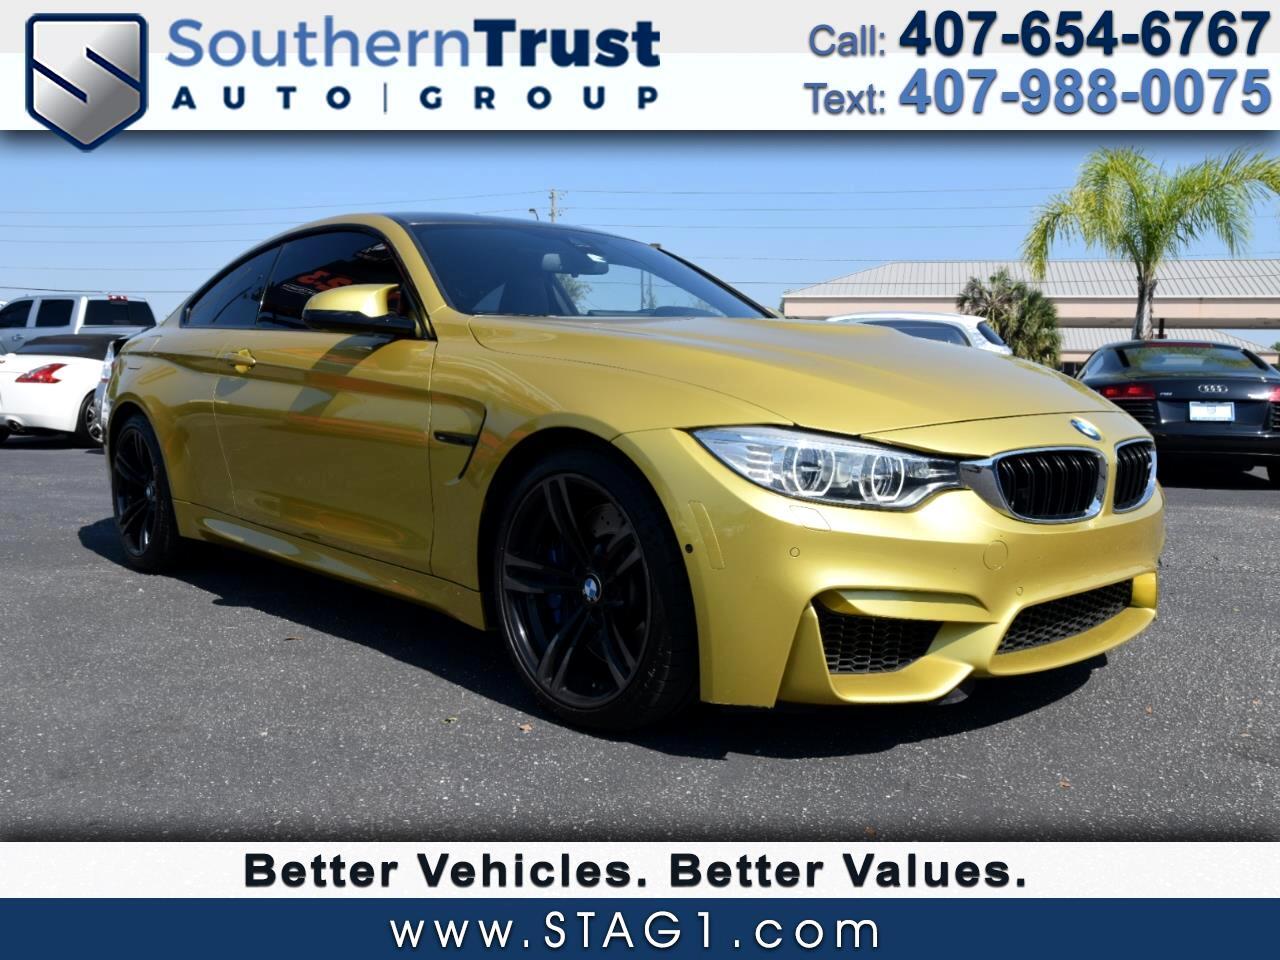 2015 BMW M4 2dr Cpe